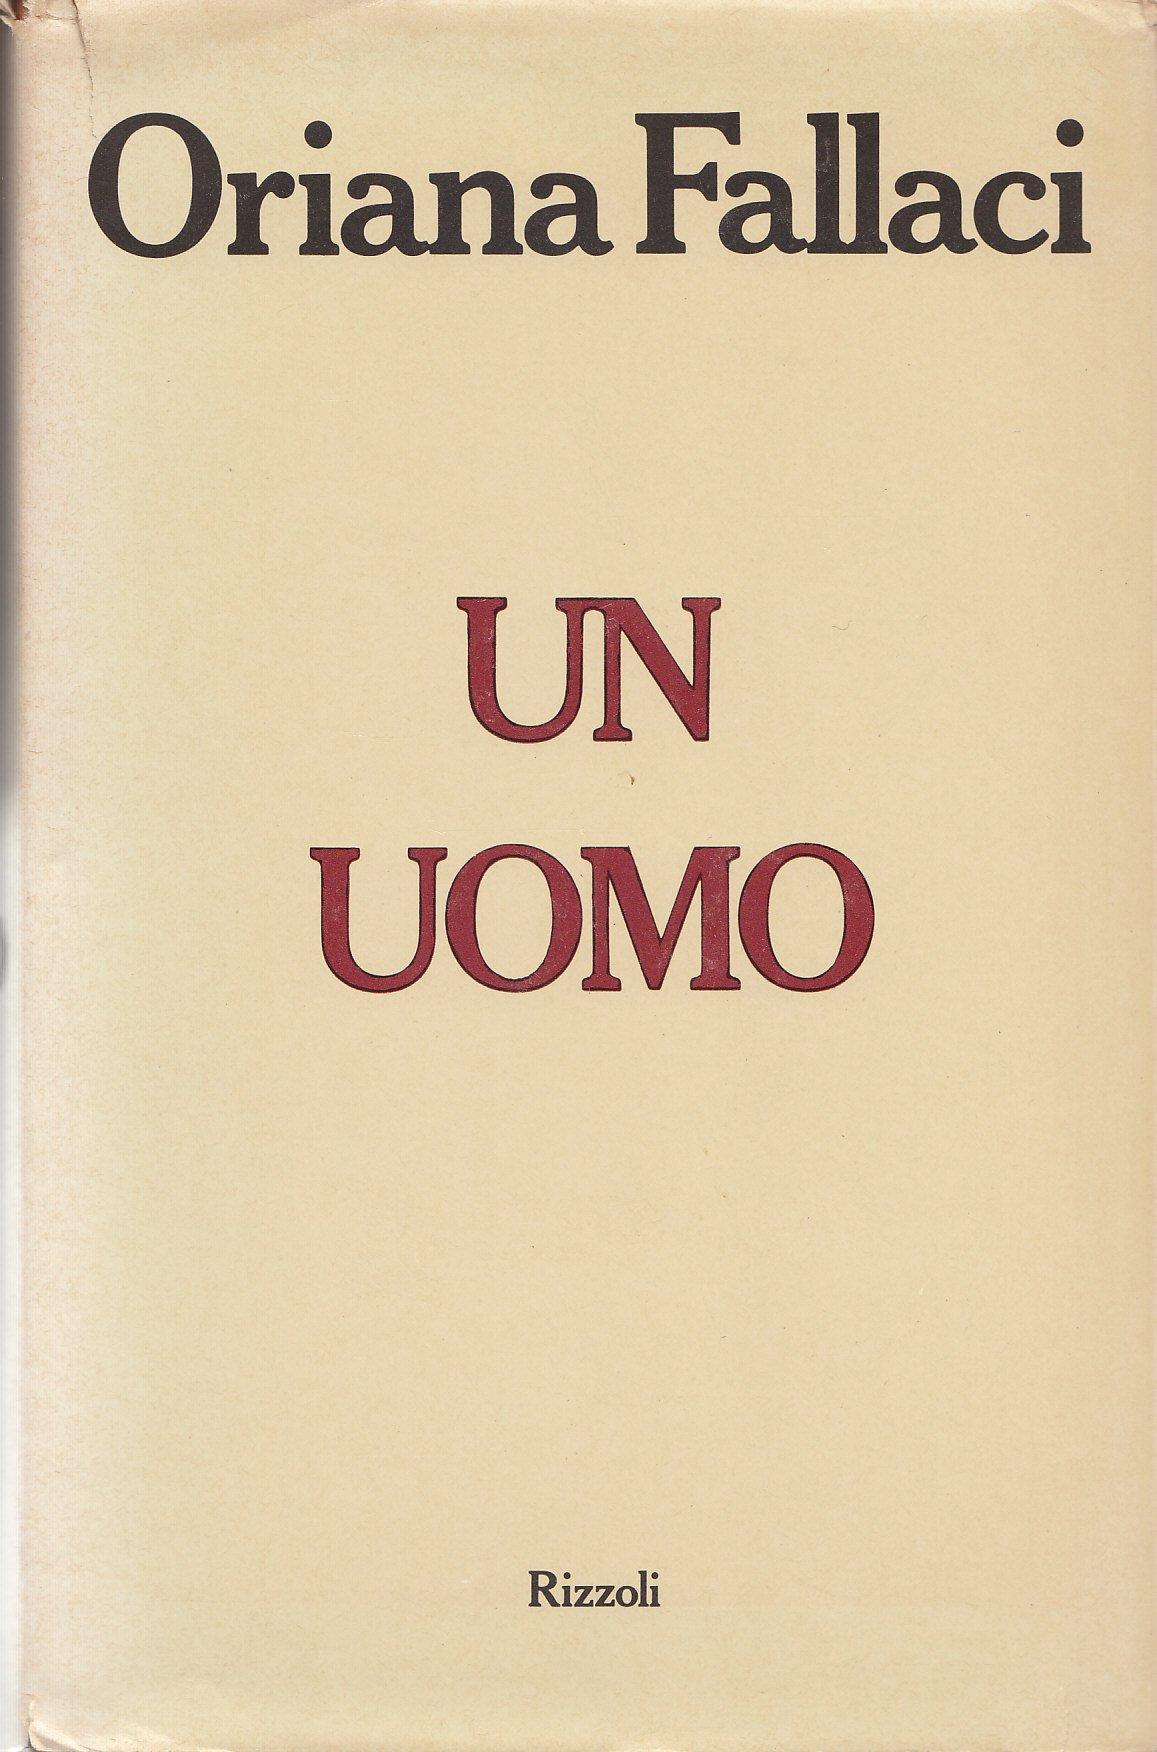 Amazon.it: UN UOMO - FALLACI ORIANA - Libri